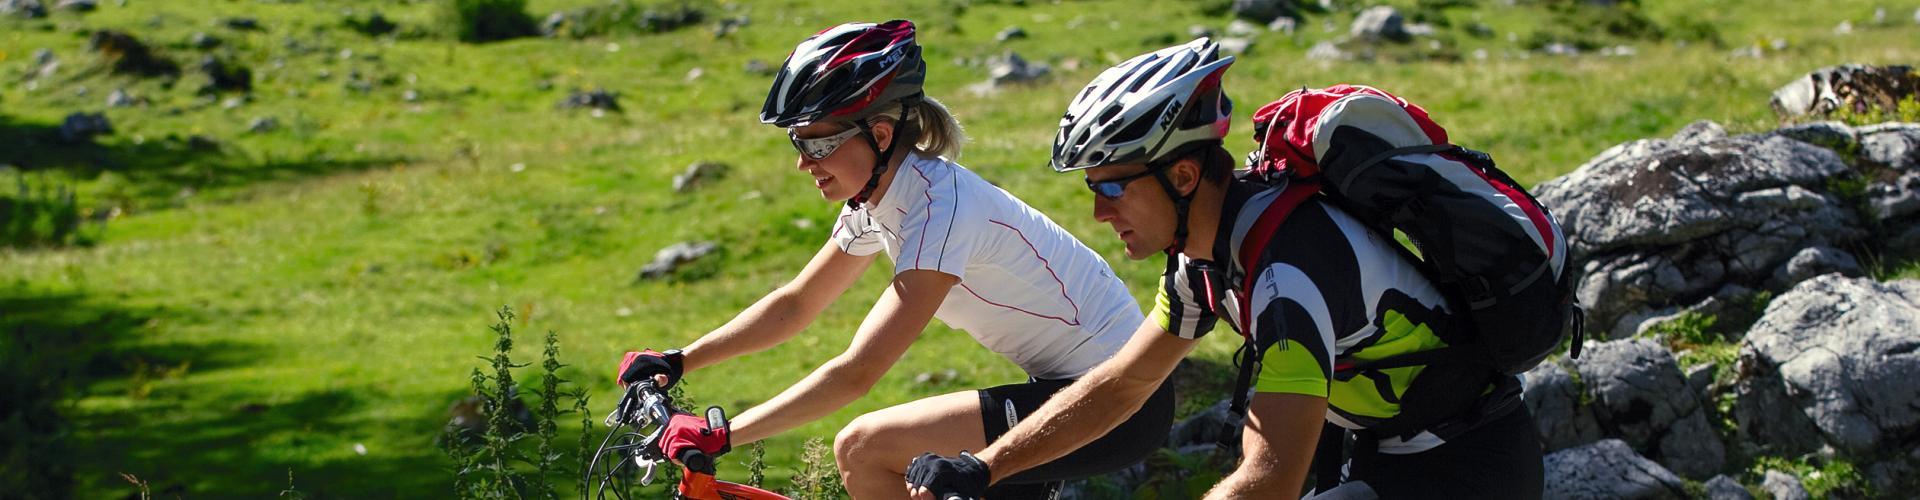 Individuelle und geführte Radreisen